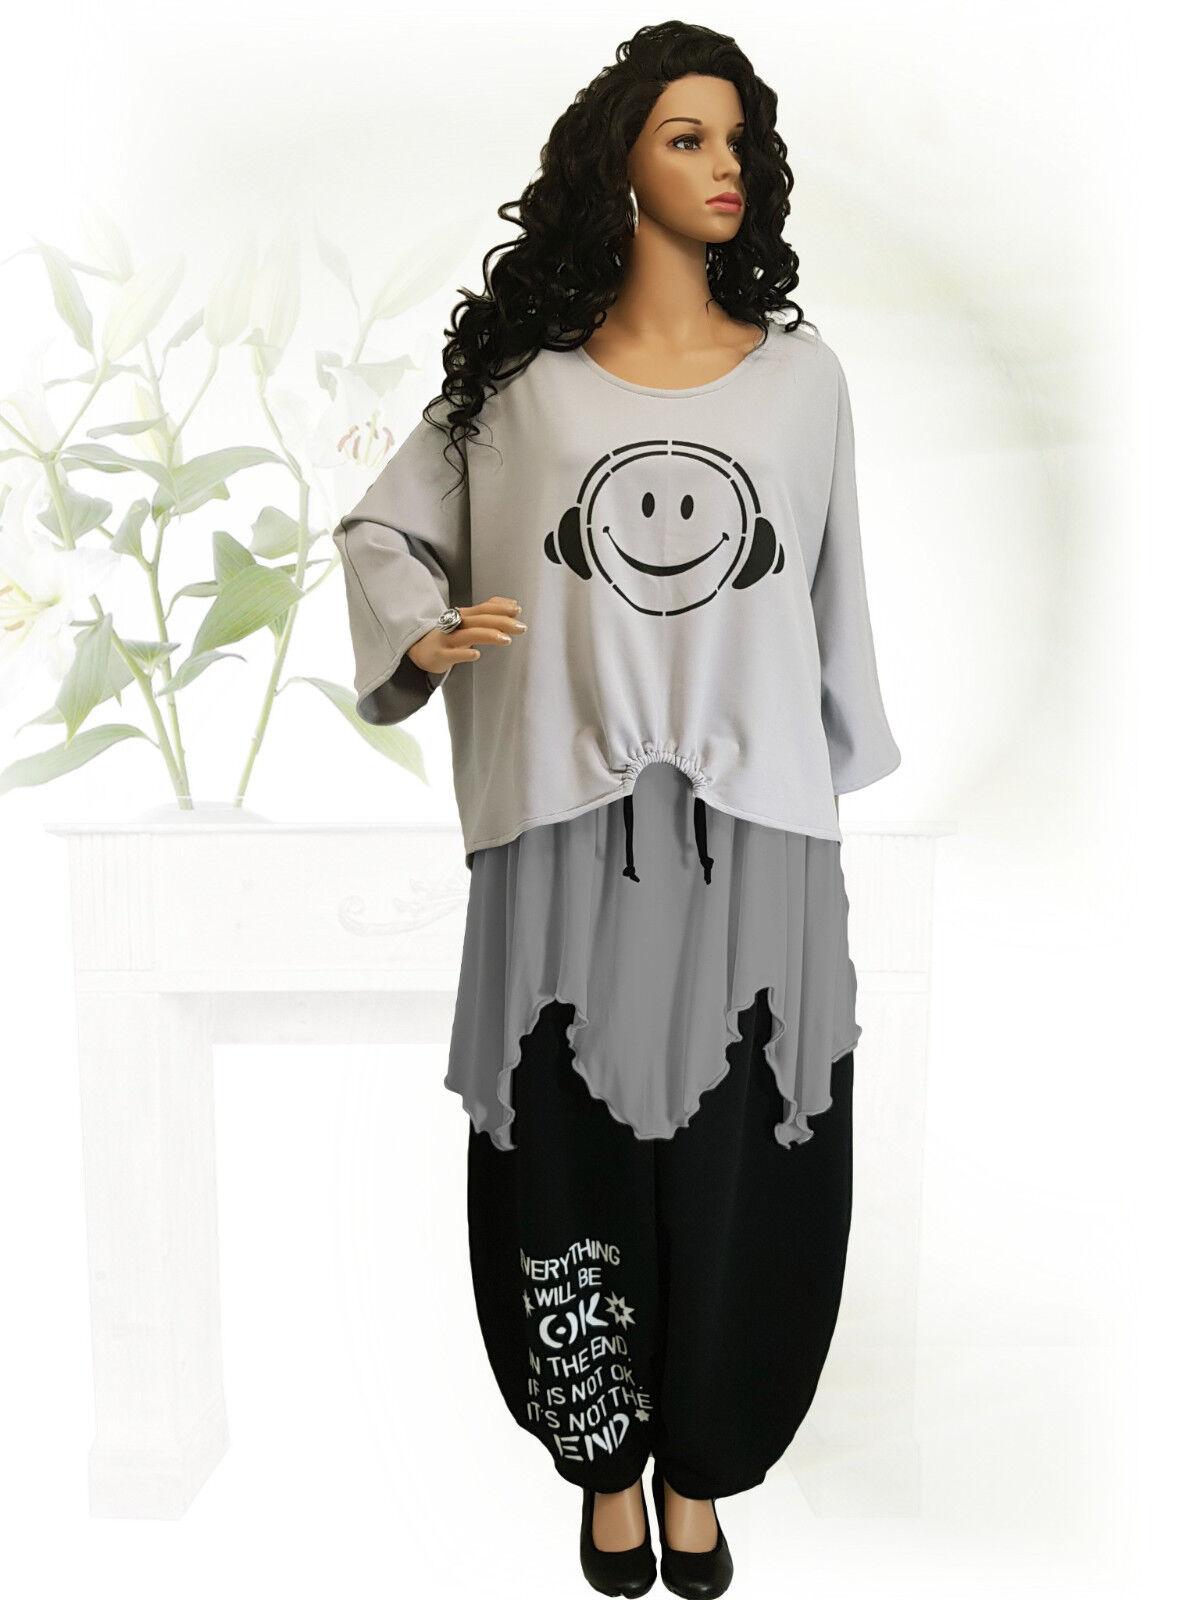 PoCo LAGENLOOK Smiley Kurz-Shirt Überwurf 44 46 48 50 52 54 56 58 L-XL-XXL-XXXL